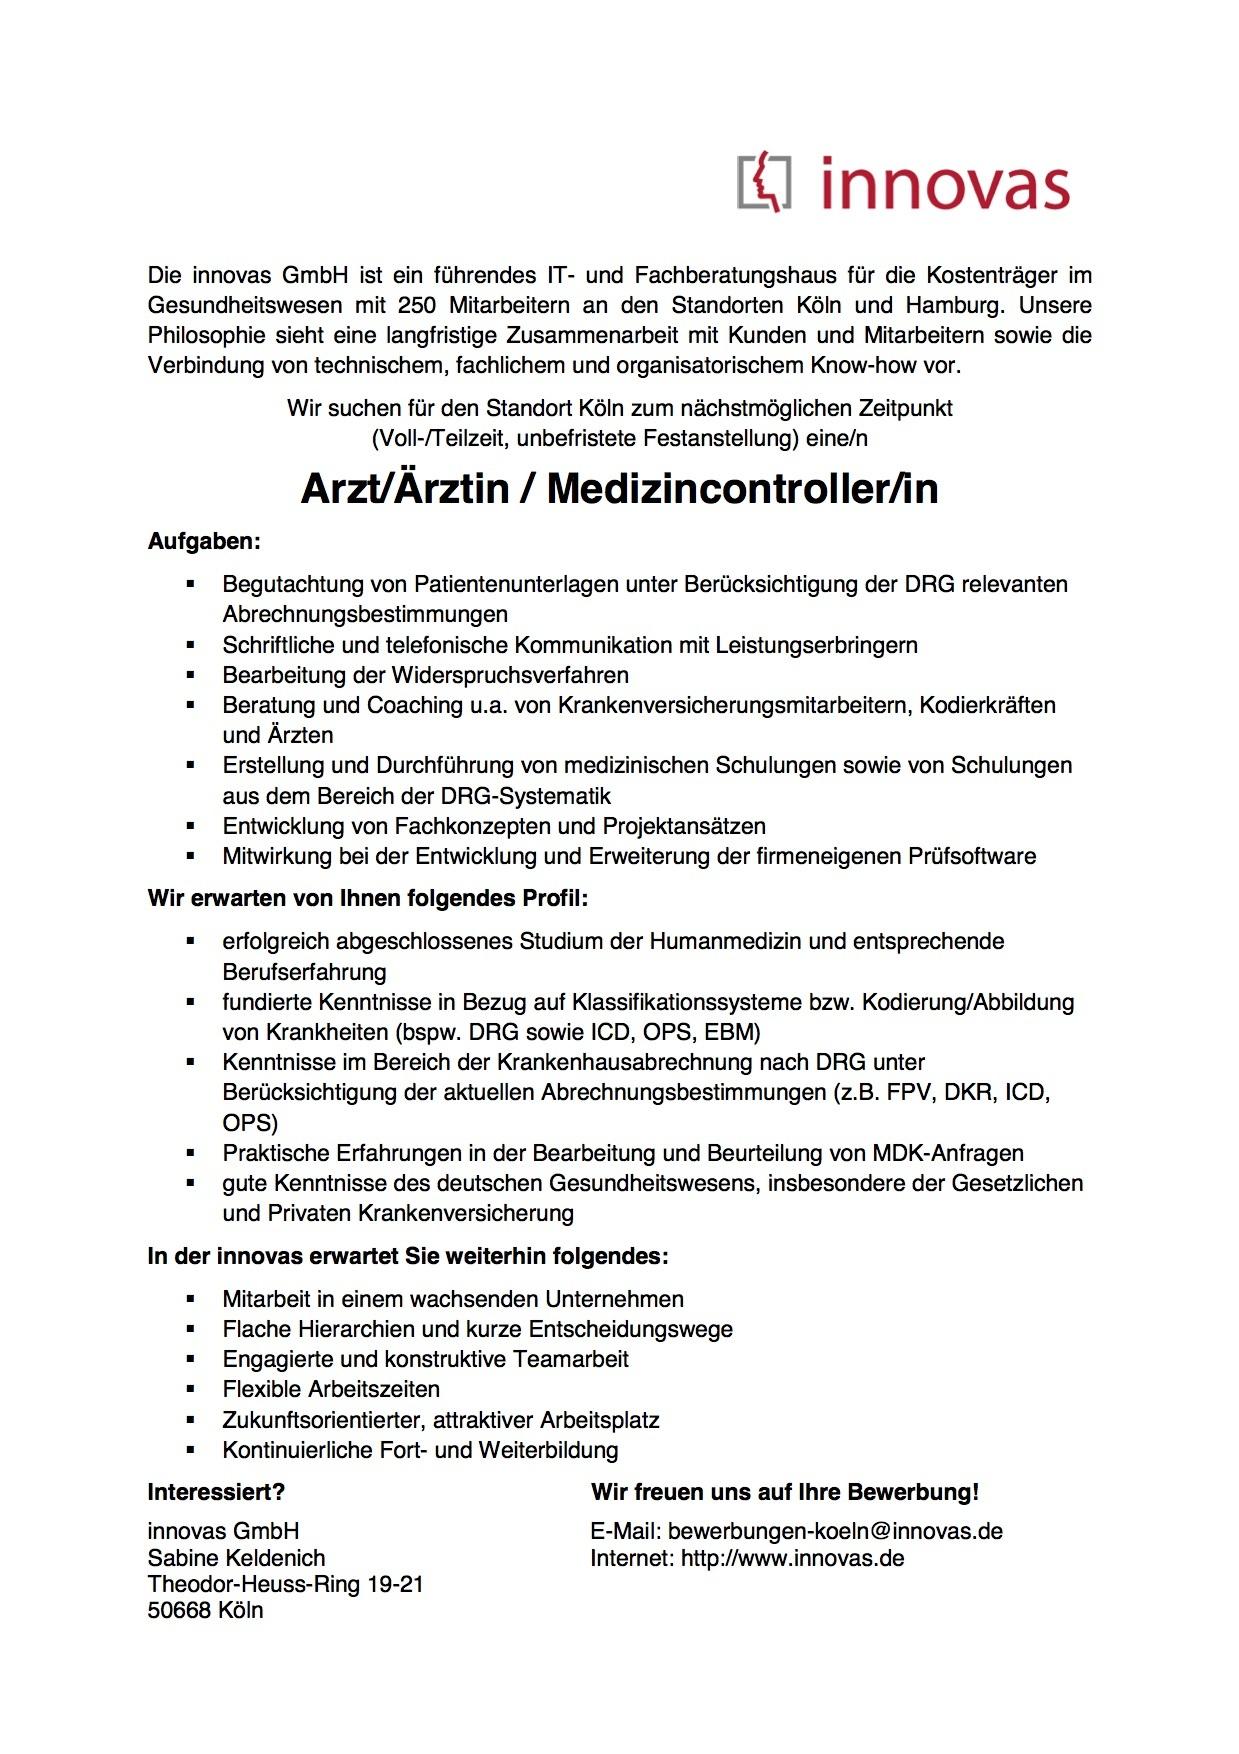 Arzt/Ärztin / Medizincontroller/in